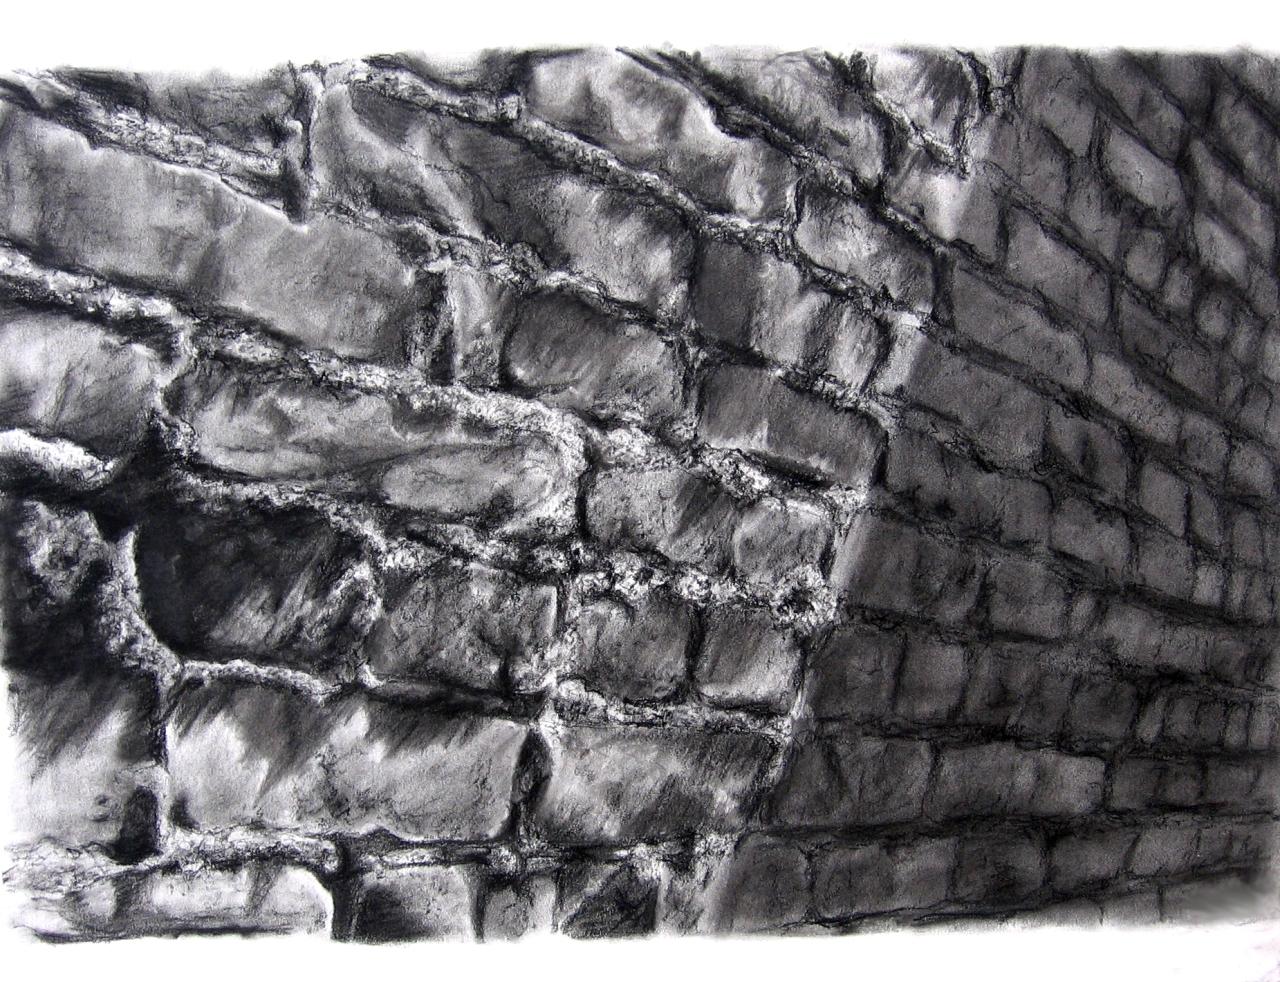 Bricks and Walls fromChina